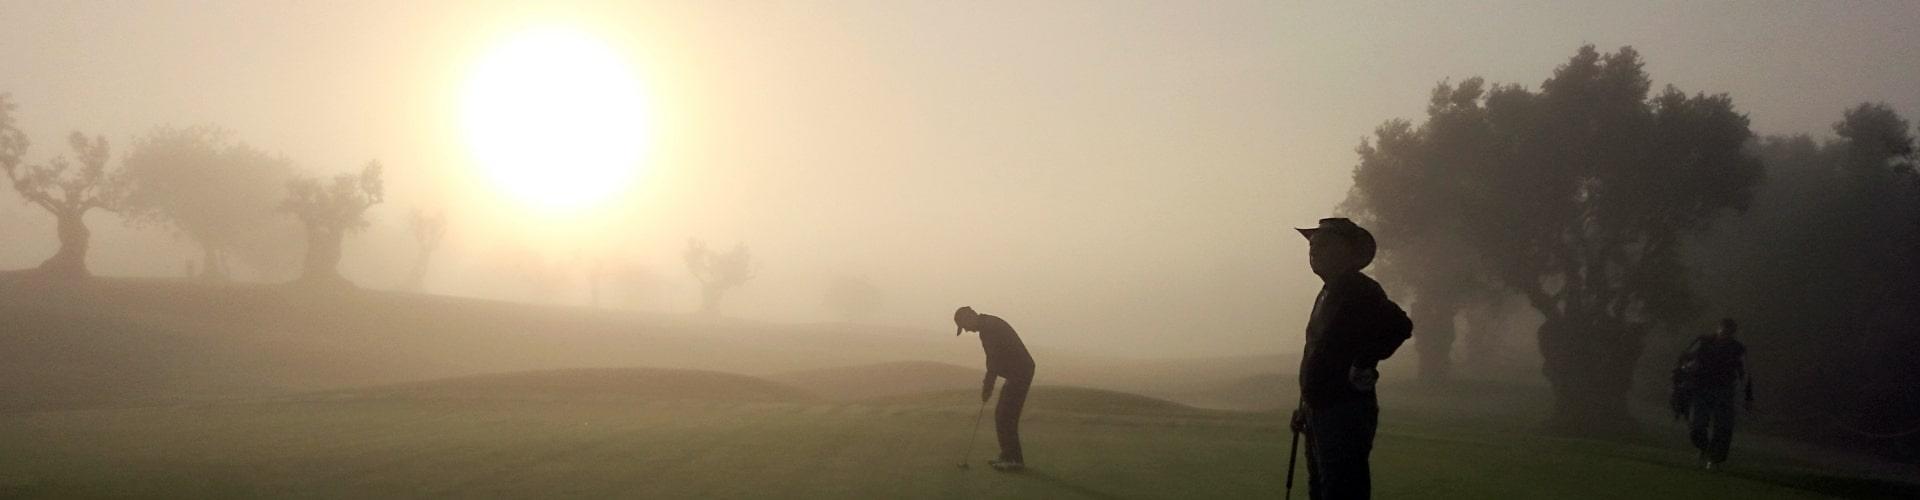 Golfen im Morgennebel